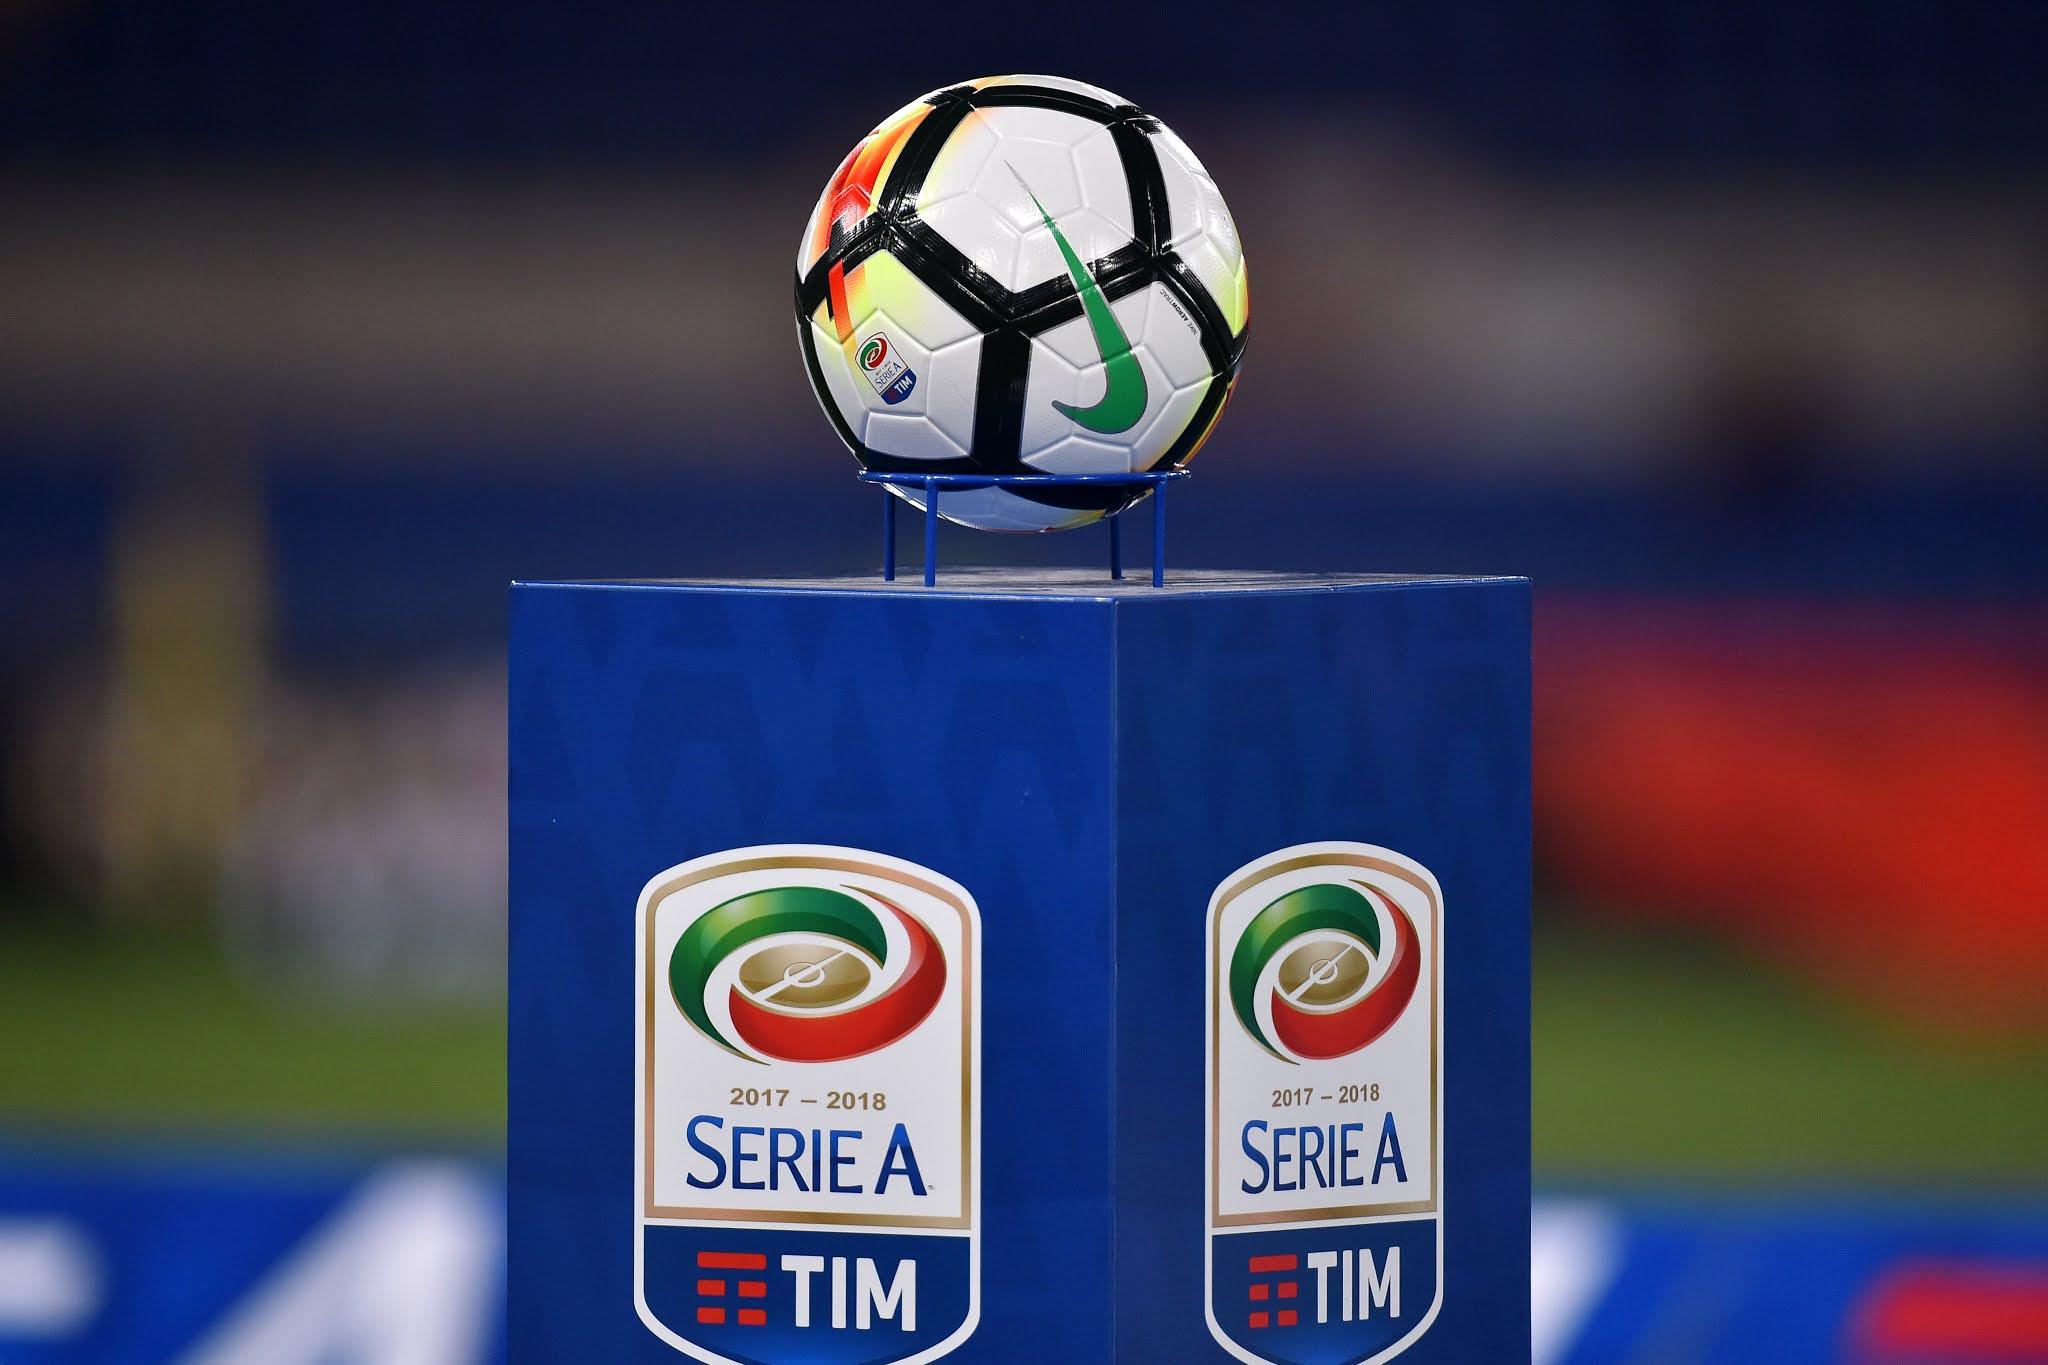 موعد أبرز مباريات الجولة 25 من مسابقة الدوري الإيطالي والقنوات الناقلة